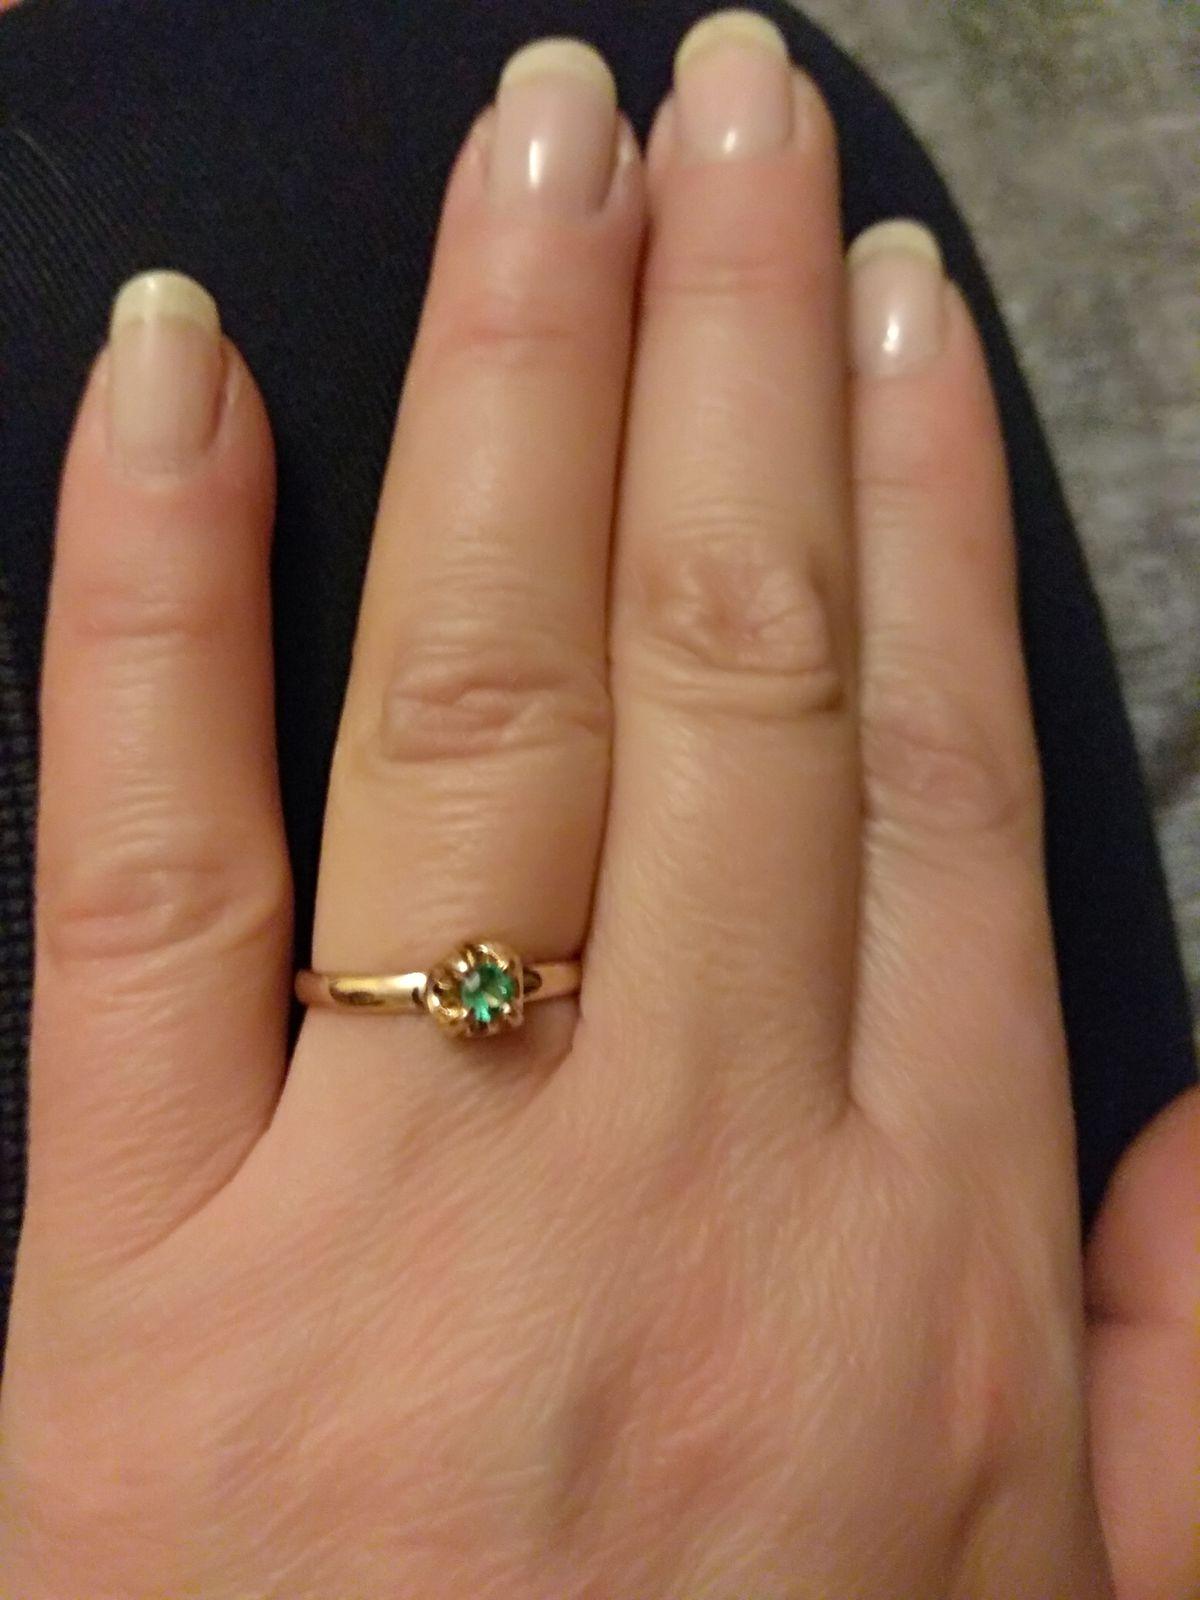 Кольцо замечательное давно искала что-то подобное,доставка порадовала